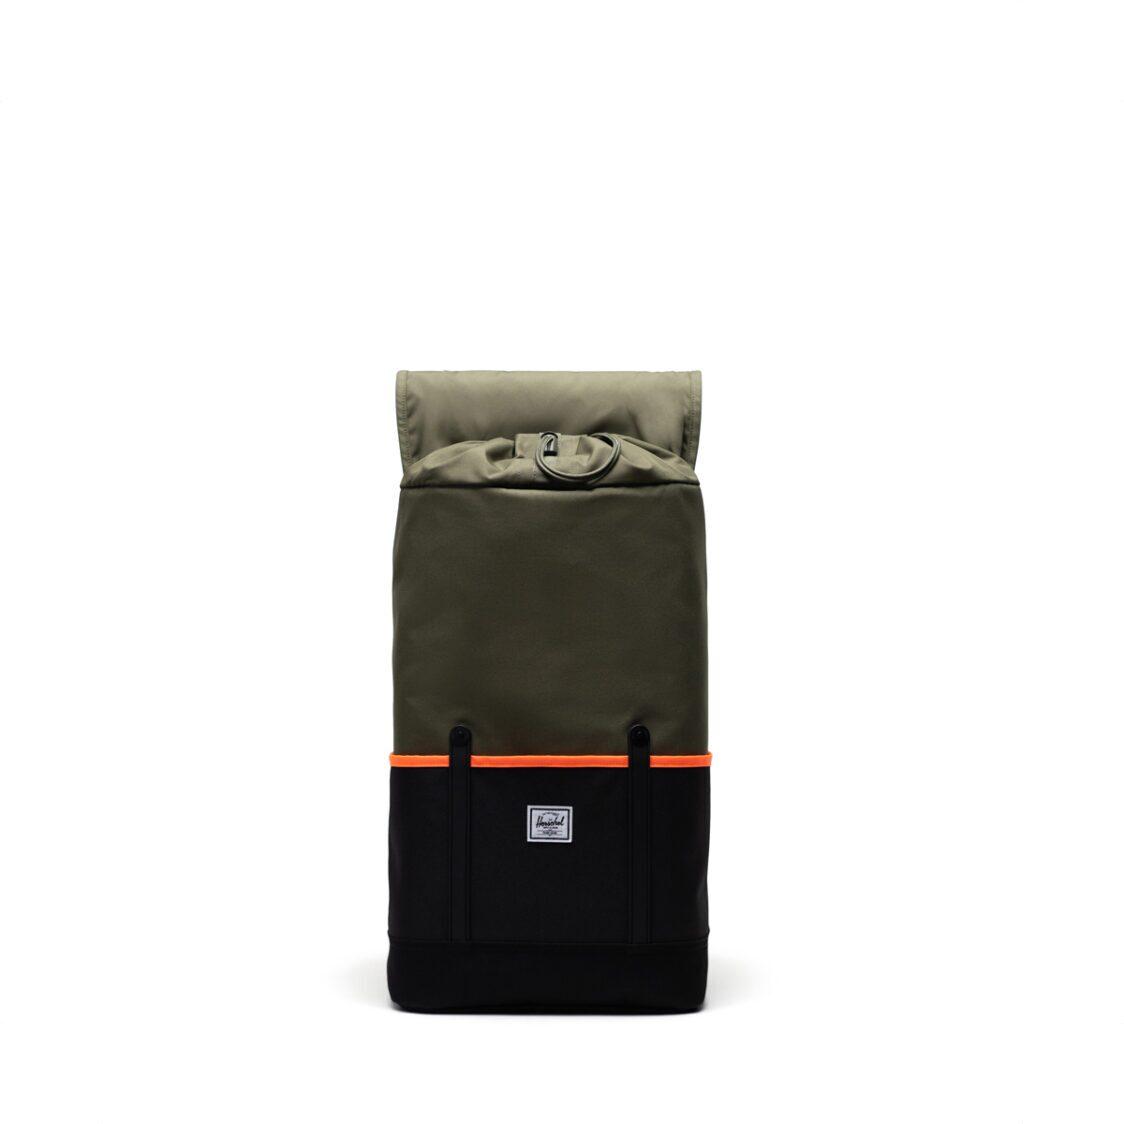 Herschel Retreat Pro Ivy GreenBlackShocking Orange Backpack 11039-04940-OS